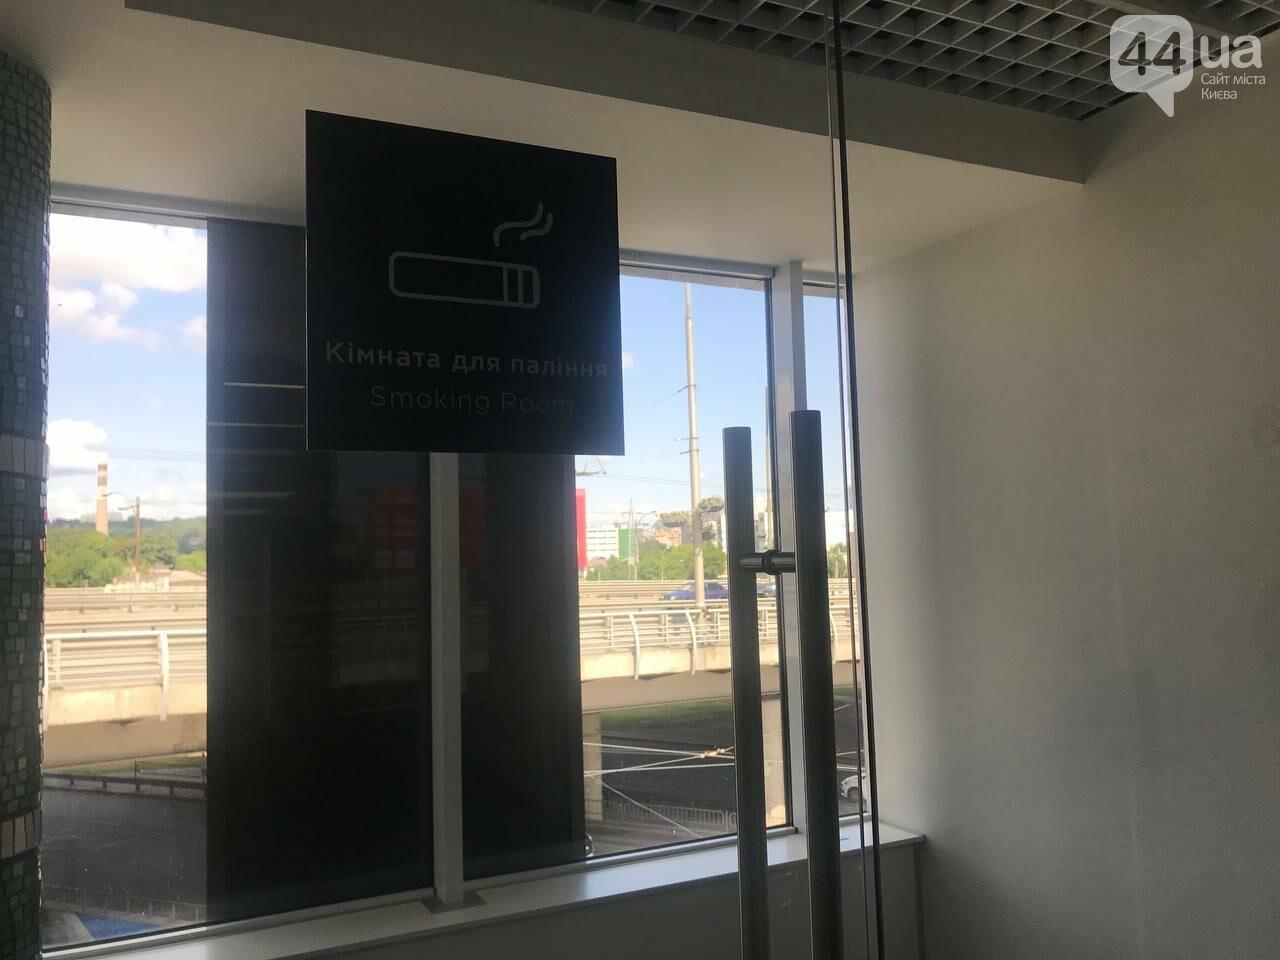 В автовокзале есть комната для курящих, Фото: 44.ua